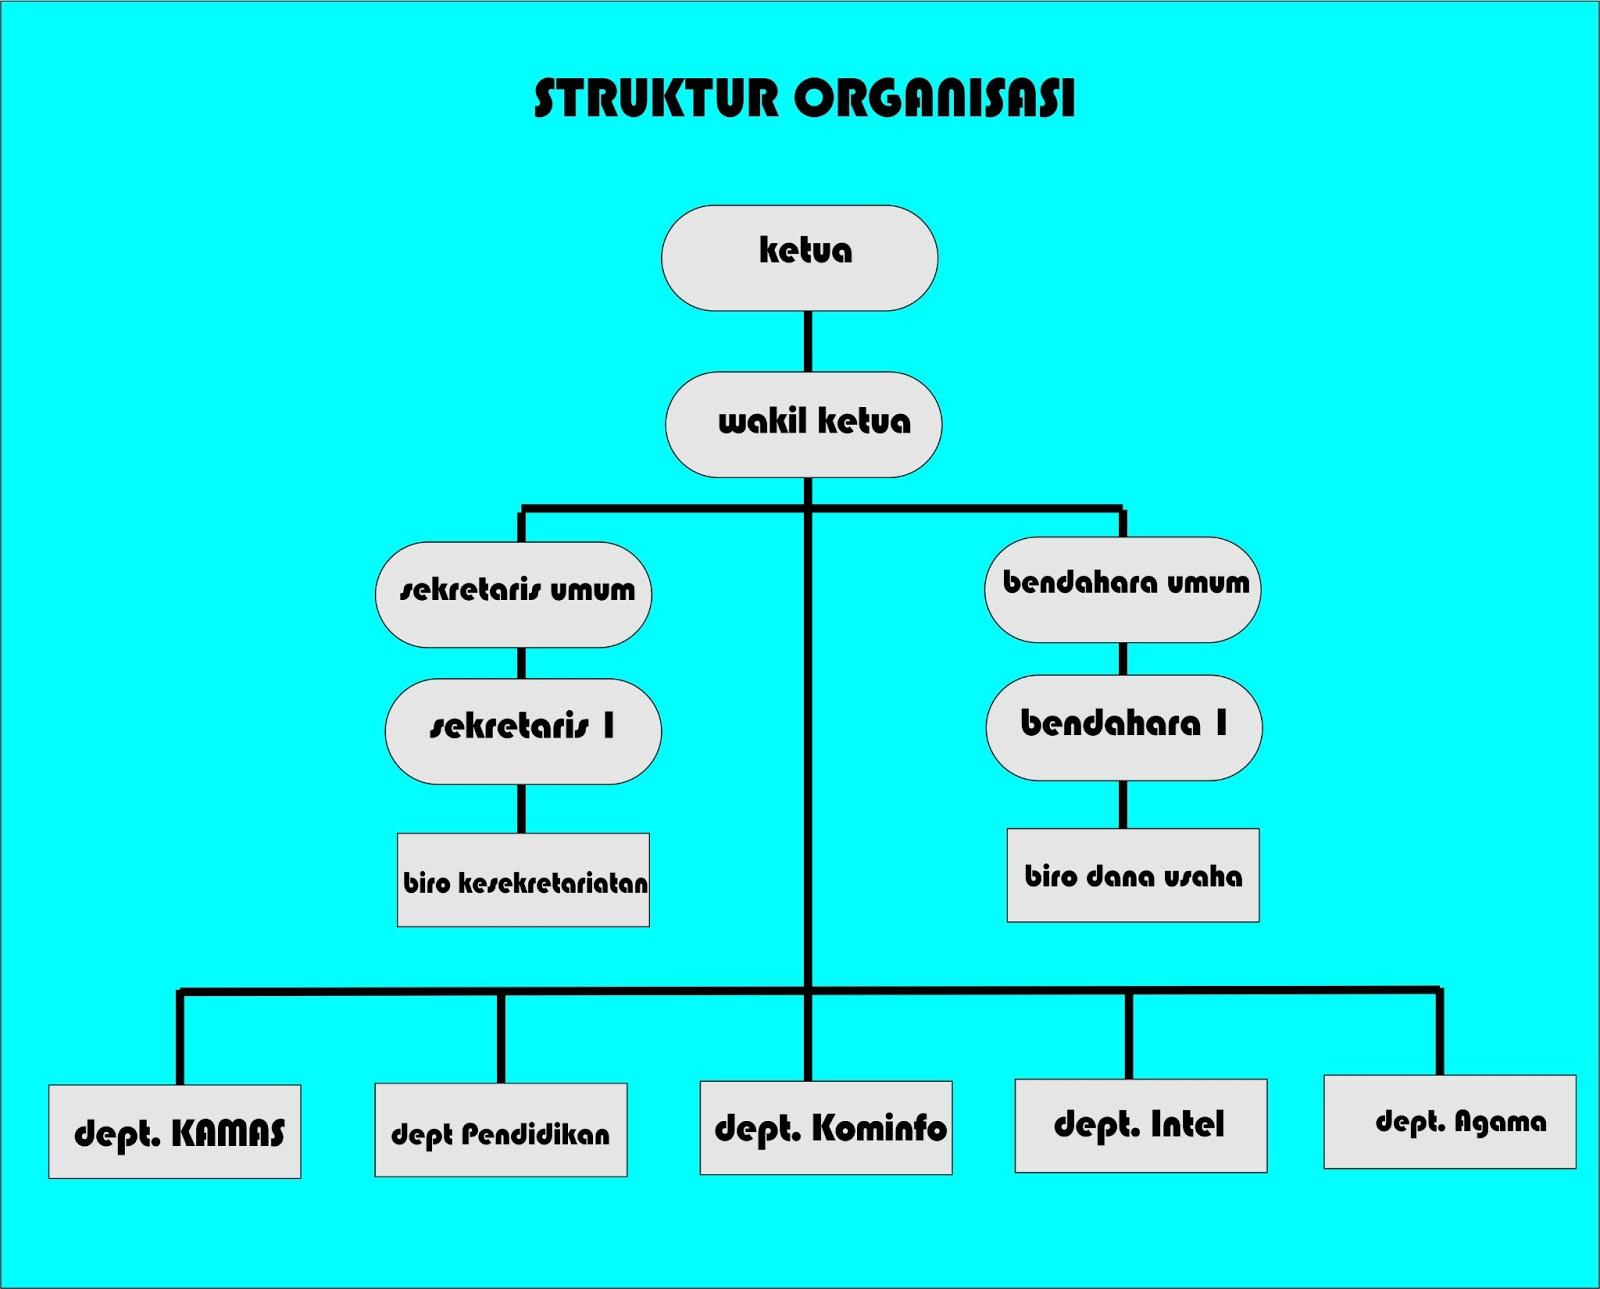 Struktur Organisasi Himatika Untirta